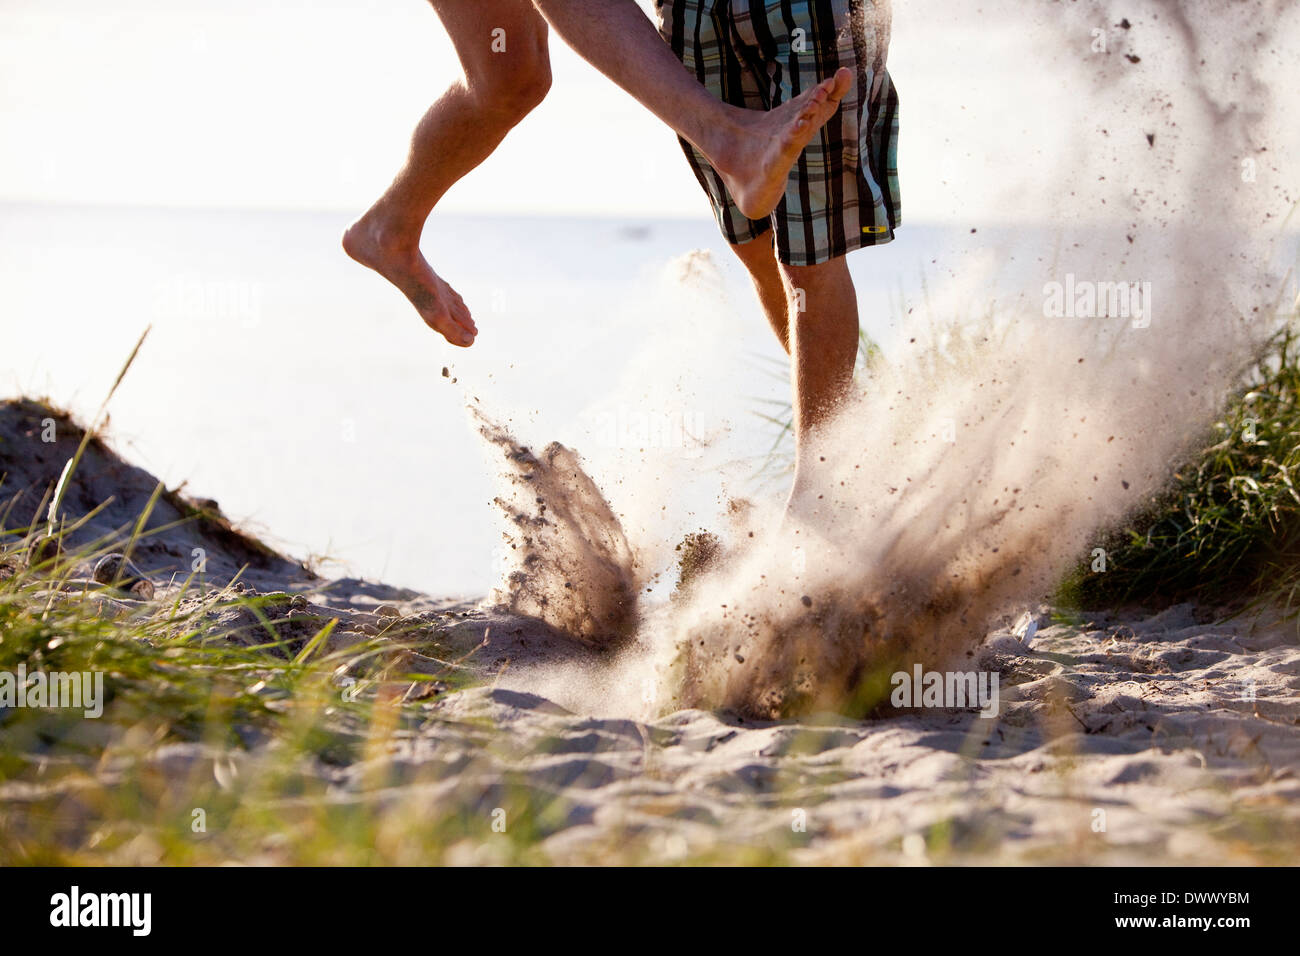 Abgeschnitten Bild spielerische männlichen Freunde am Strand Stockbild